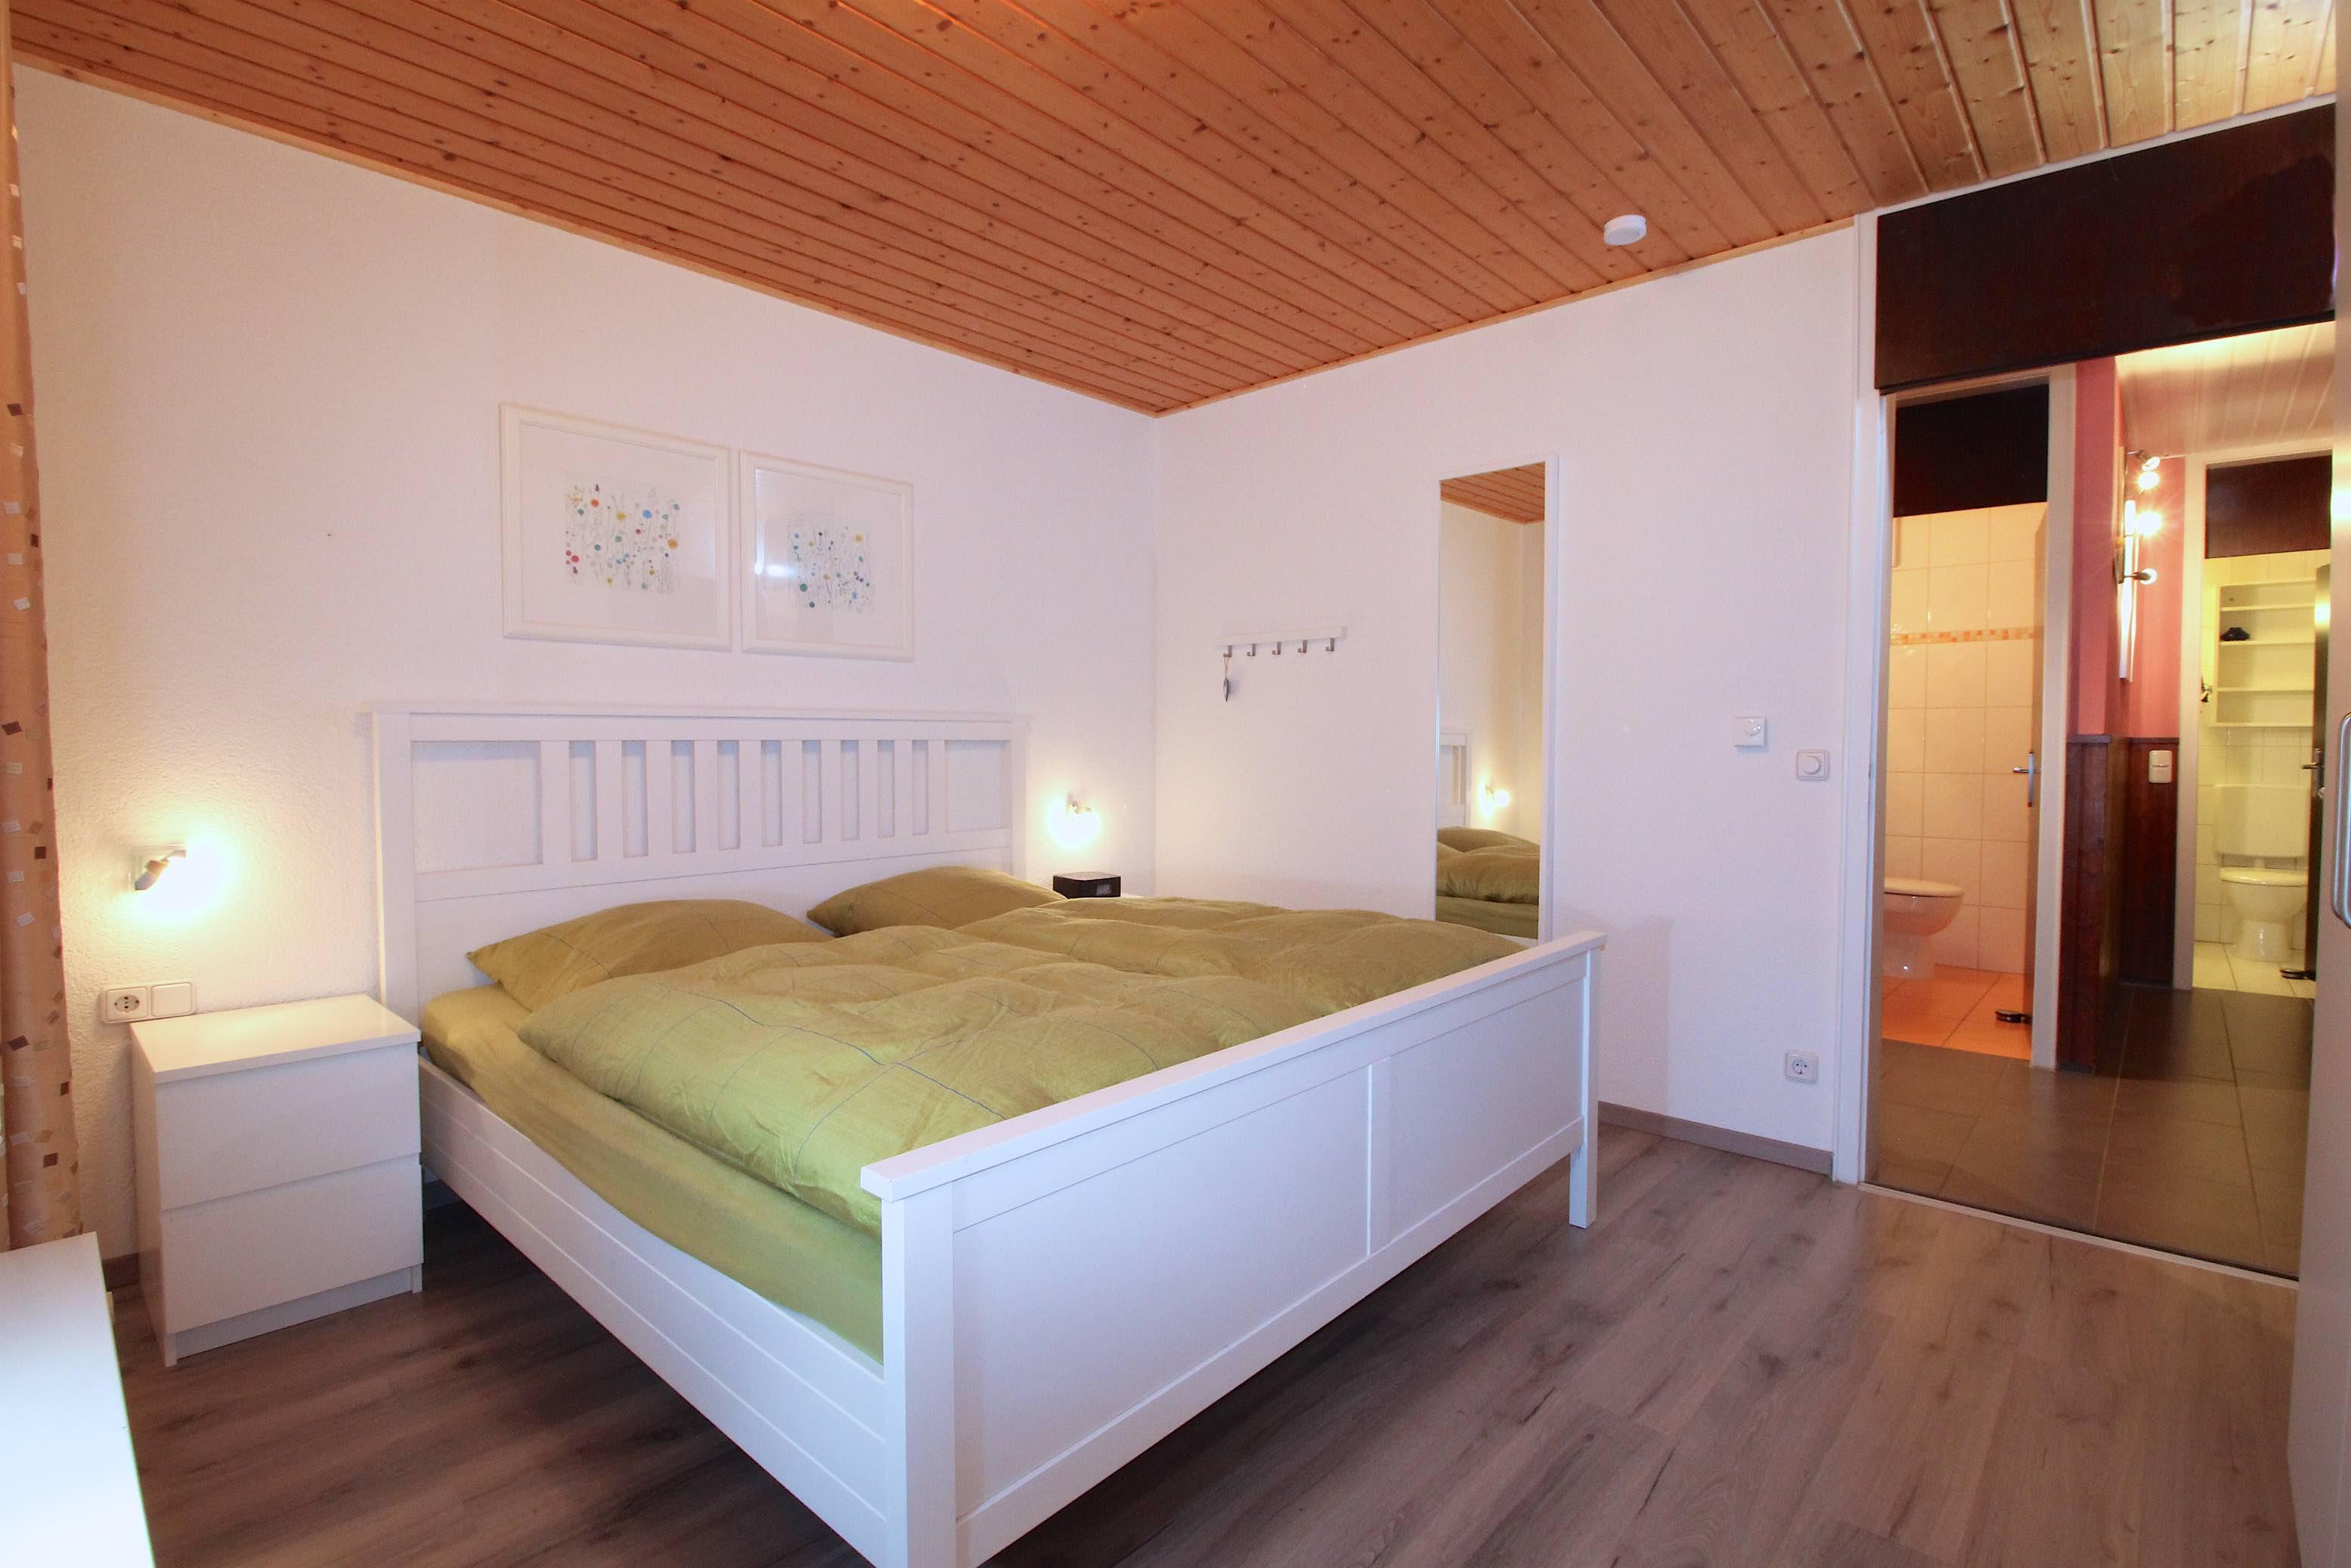 Schlafzimmer:Schlafzimmer mit modernem Laminatboden.